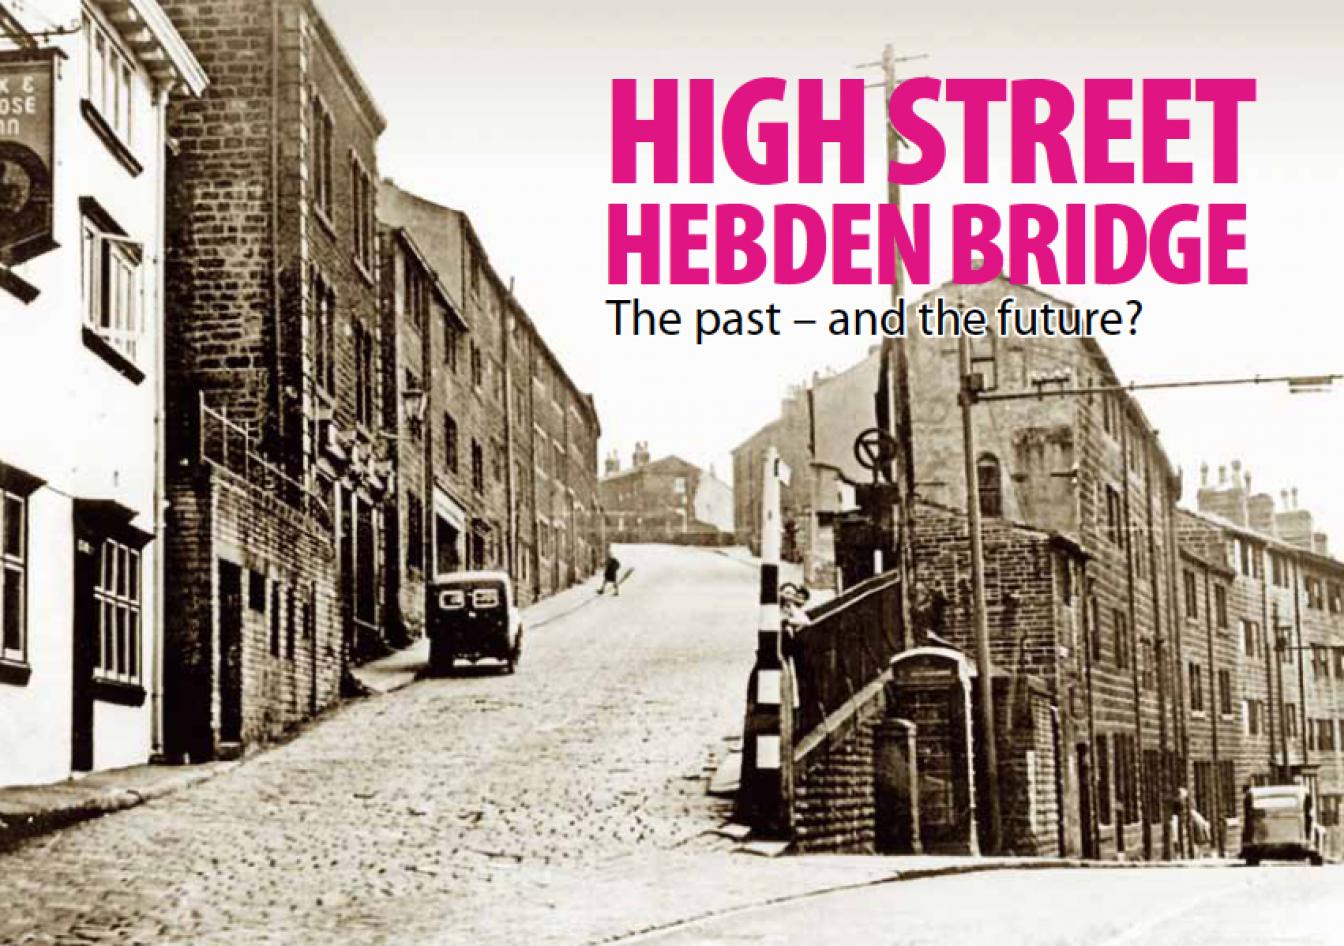 High Street of Hebden Bridge